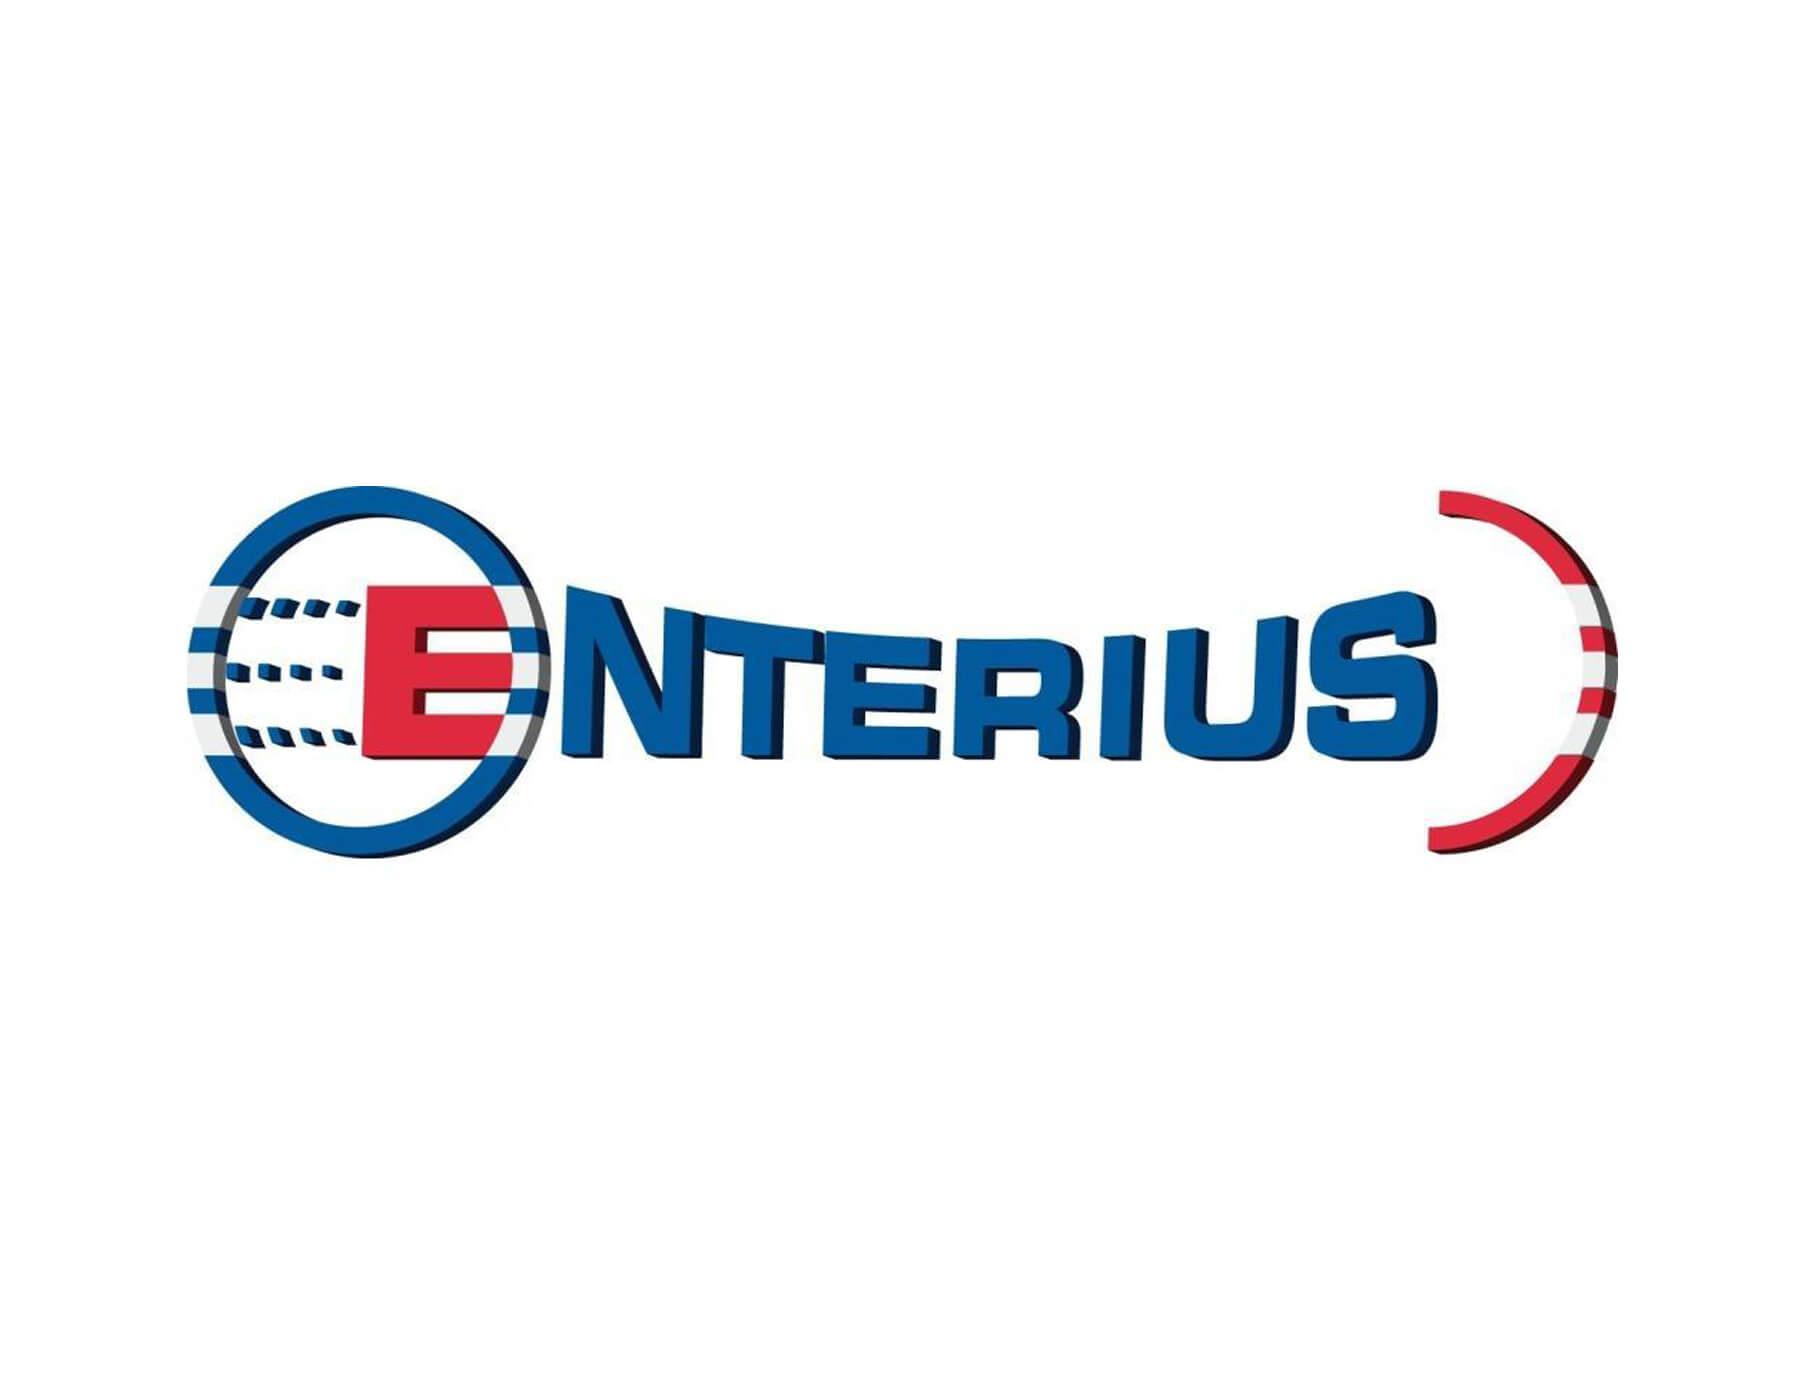 ENTERIUS